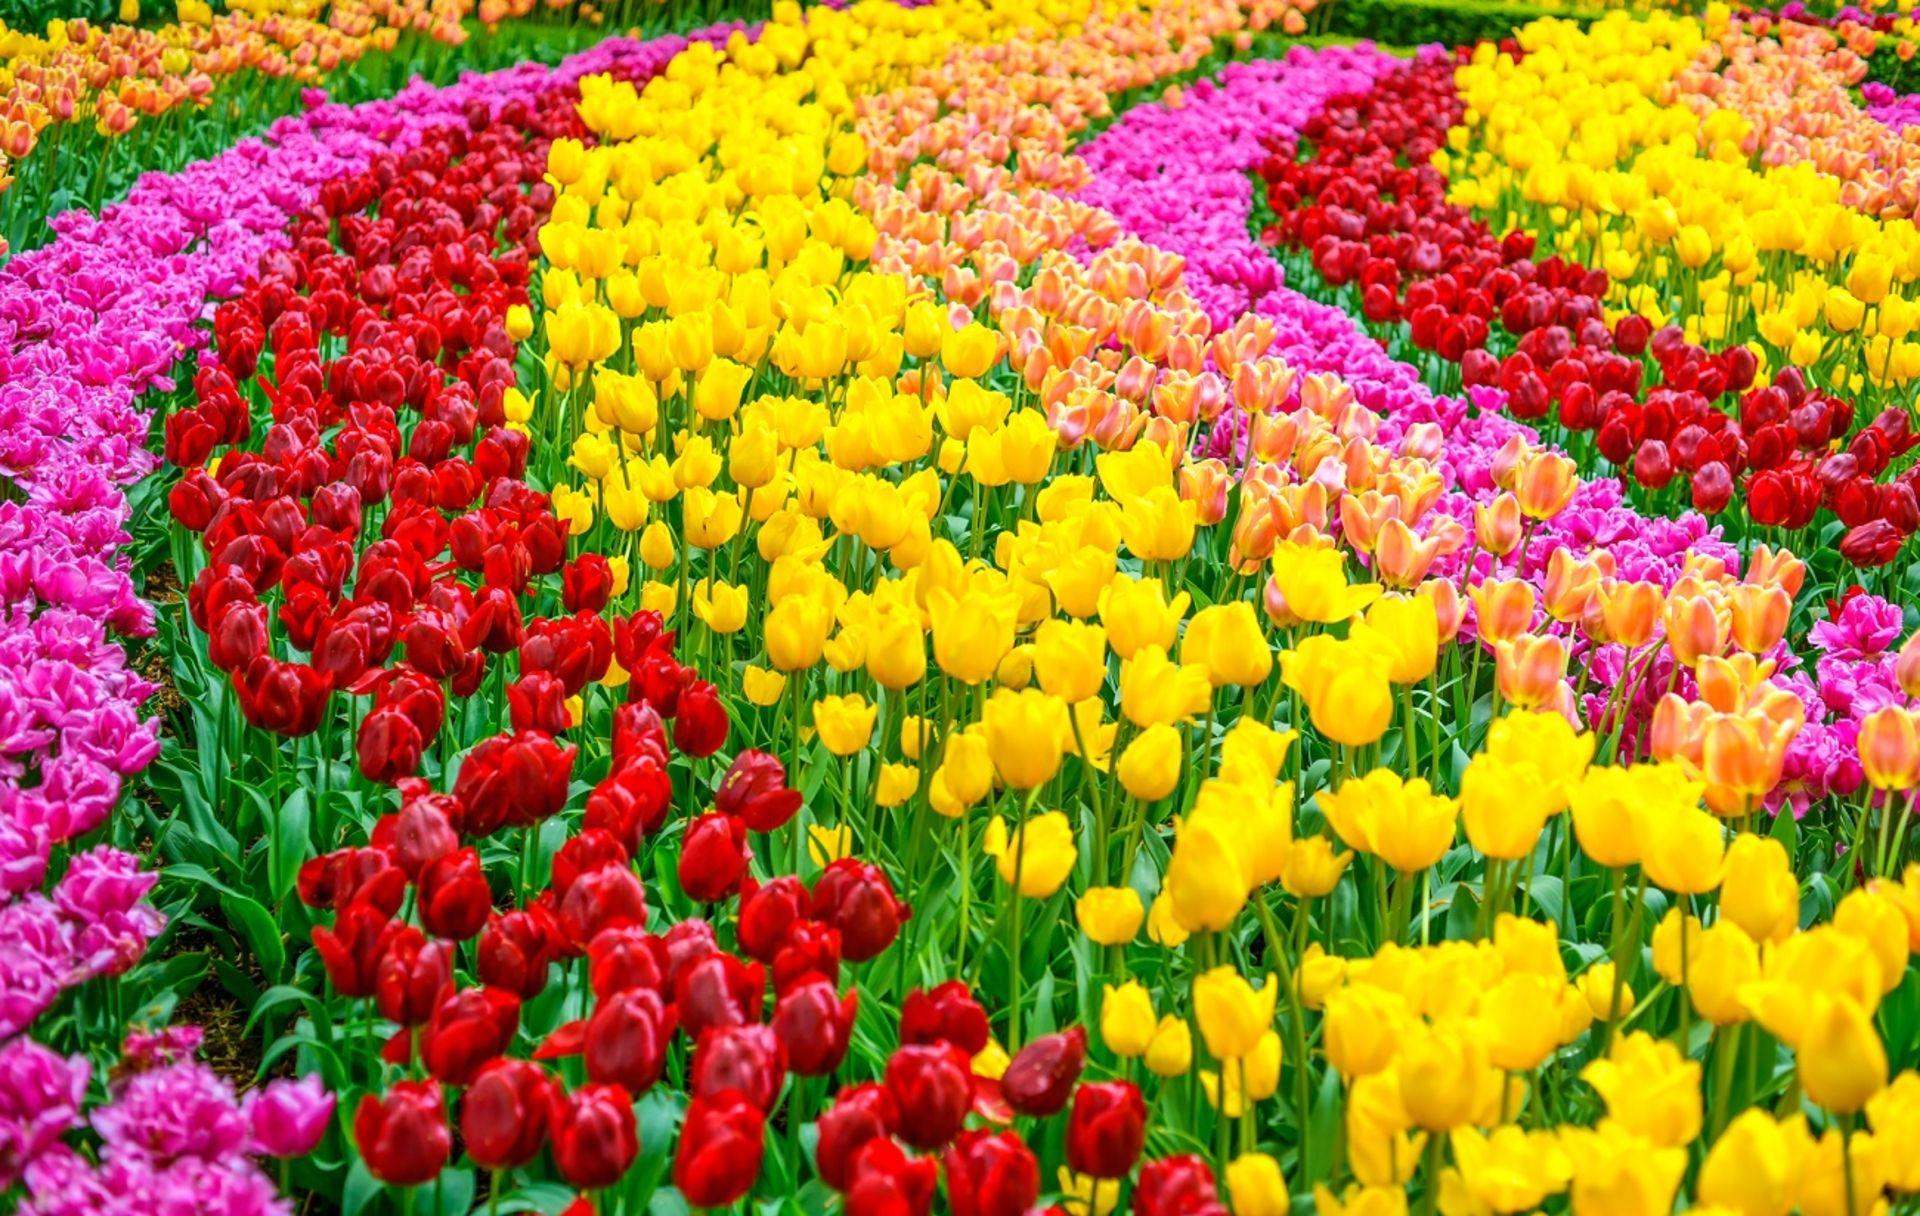 Campos de tulipanes en holanda buscar con google campos de tulipanes pinterest campos de - Jardines de tulipanes en holanda ...